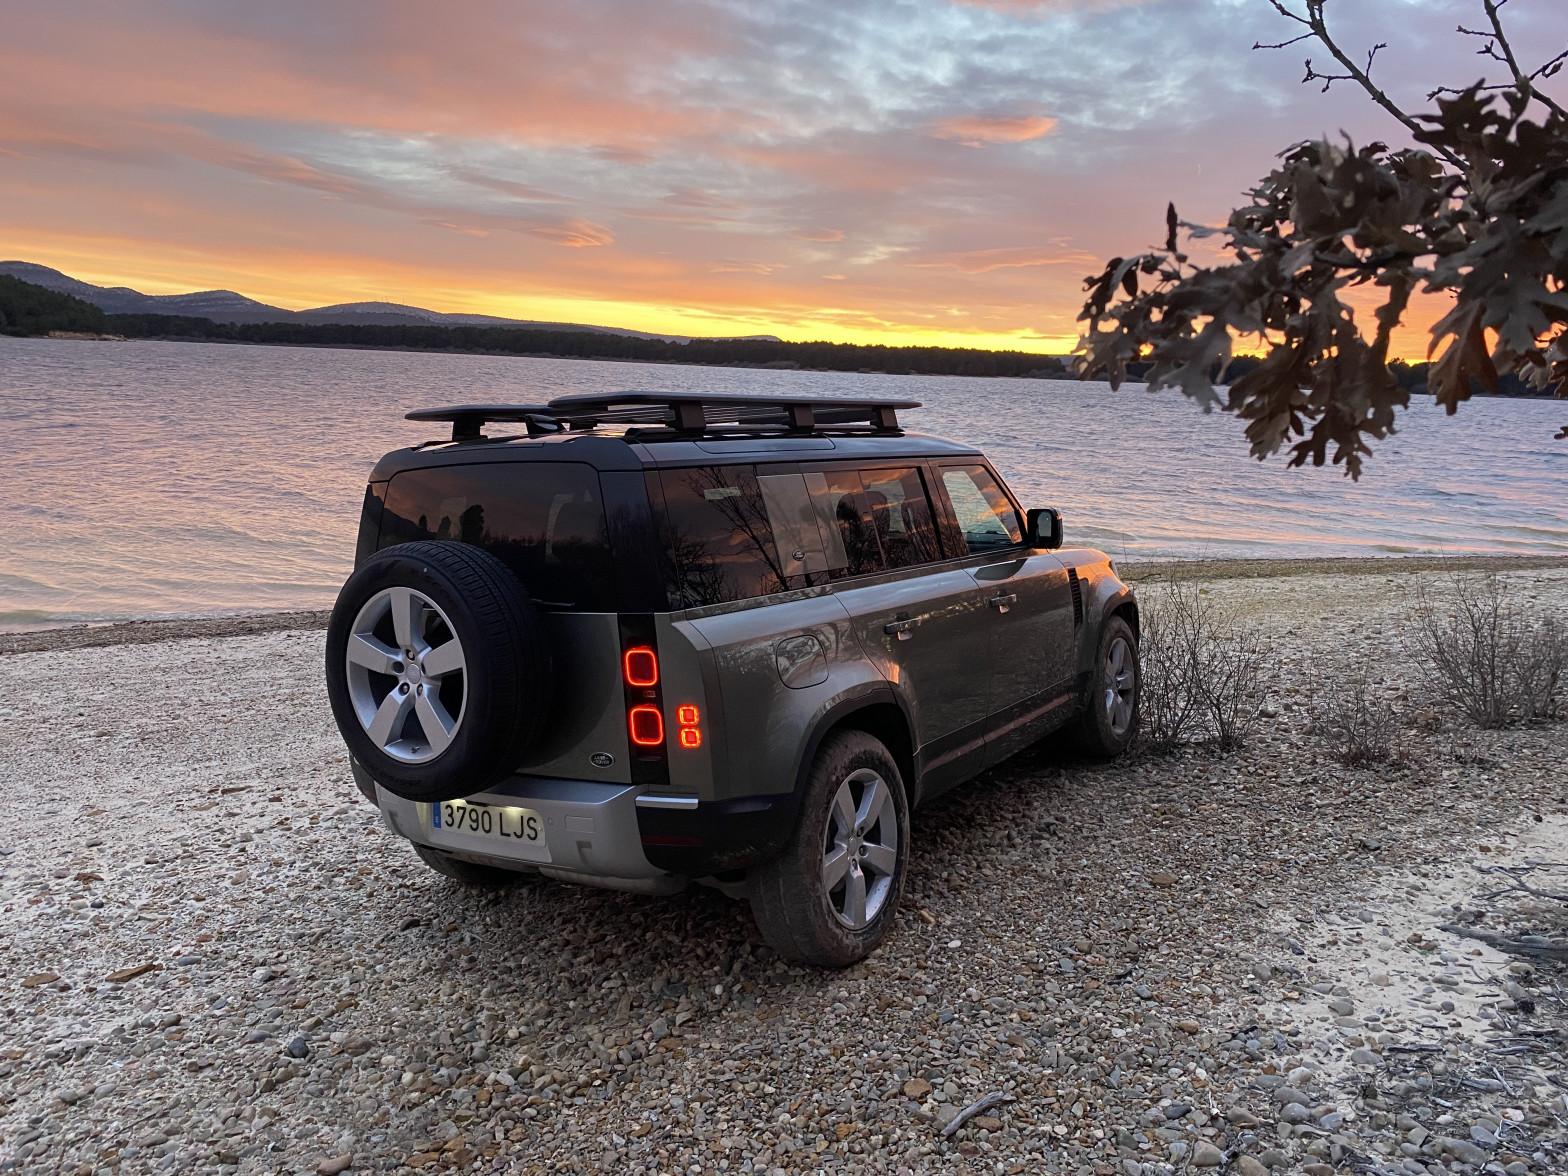 Probamos el revolucionario Land Rover Defender, el más mítico todoterreno